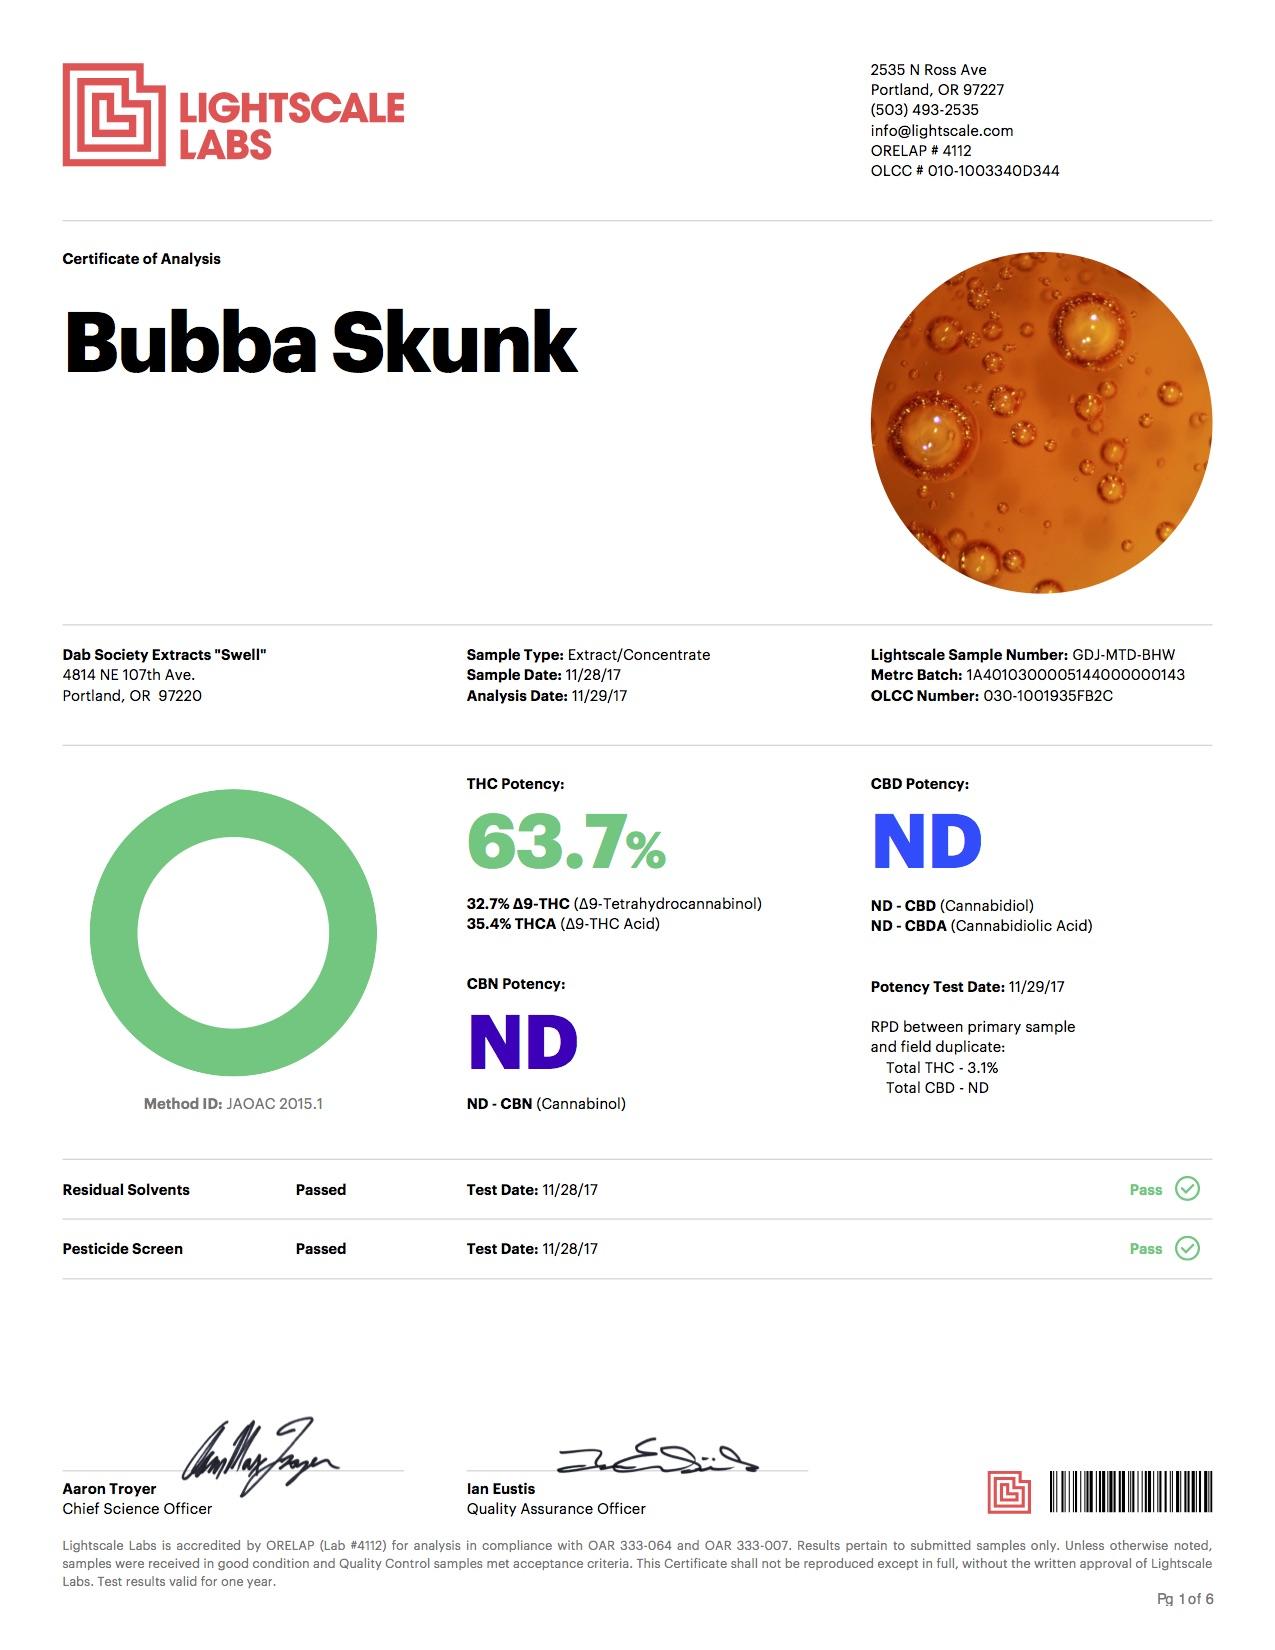 OCO Quill Bubba Skunk 143.jpg